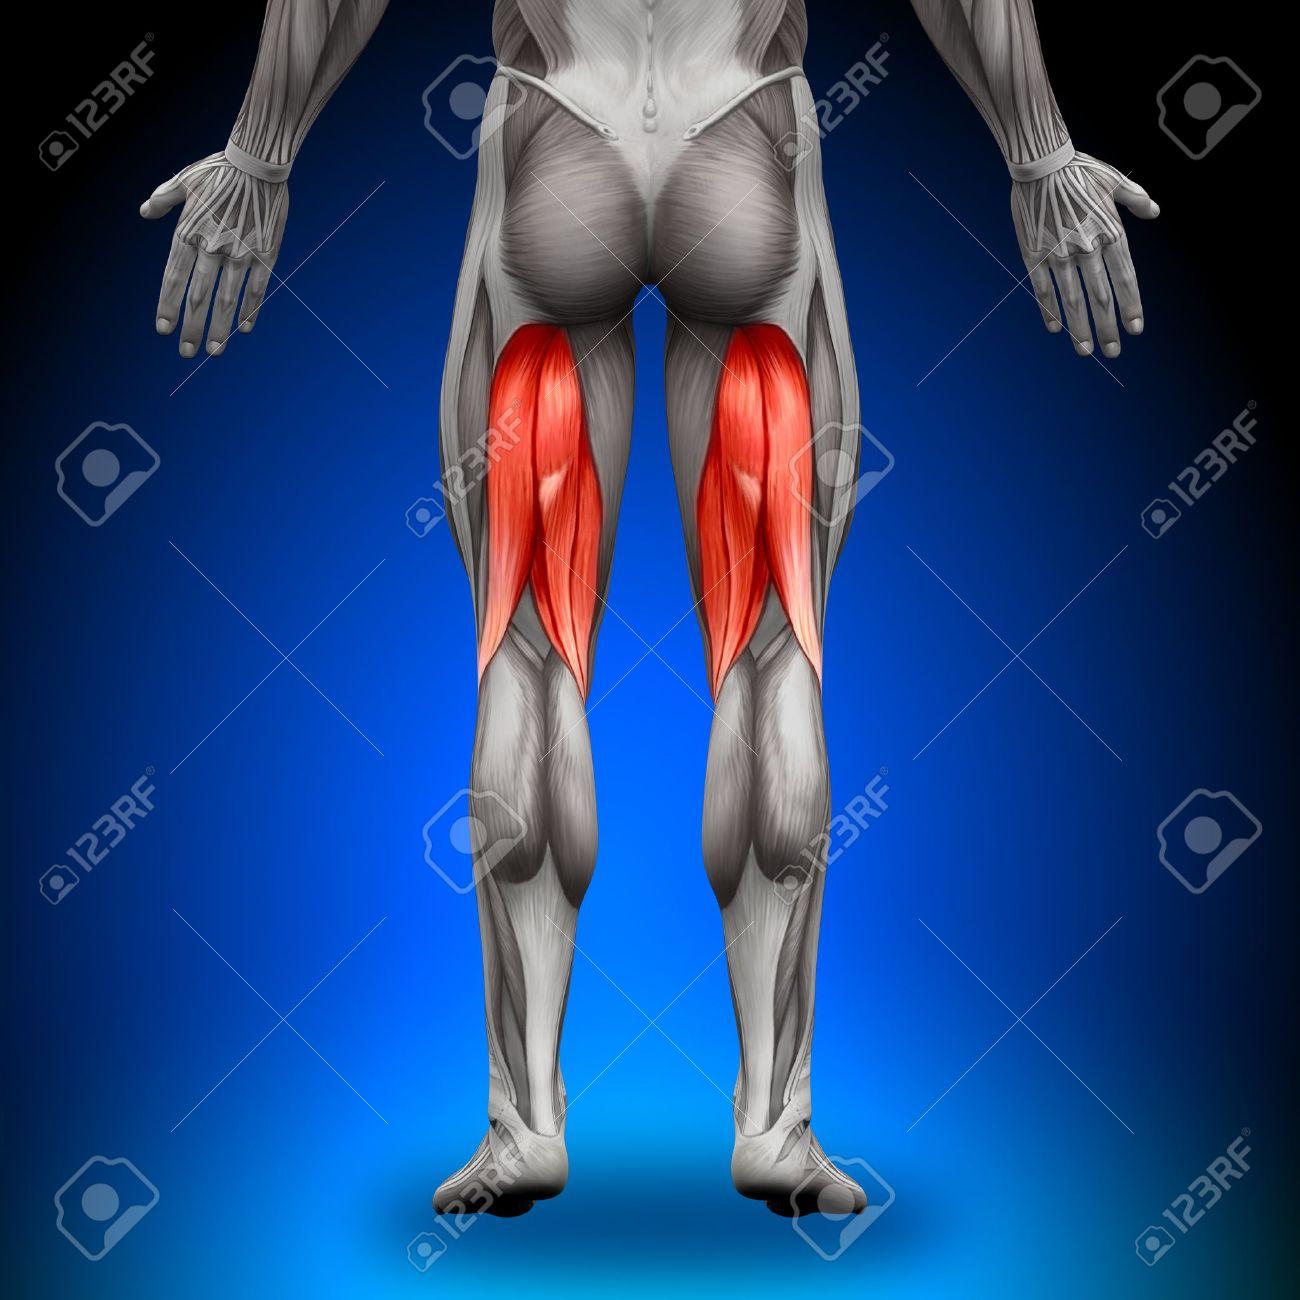 Los Músculos Isquiotibiales Anatomía Fotos, Retratos, Imágenes Y ...